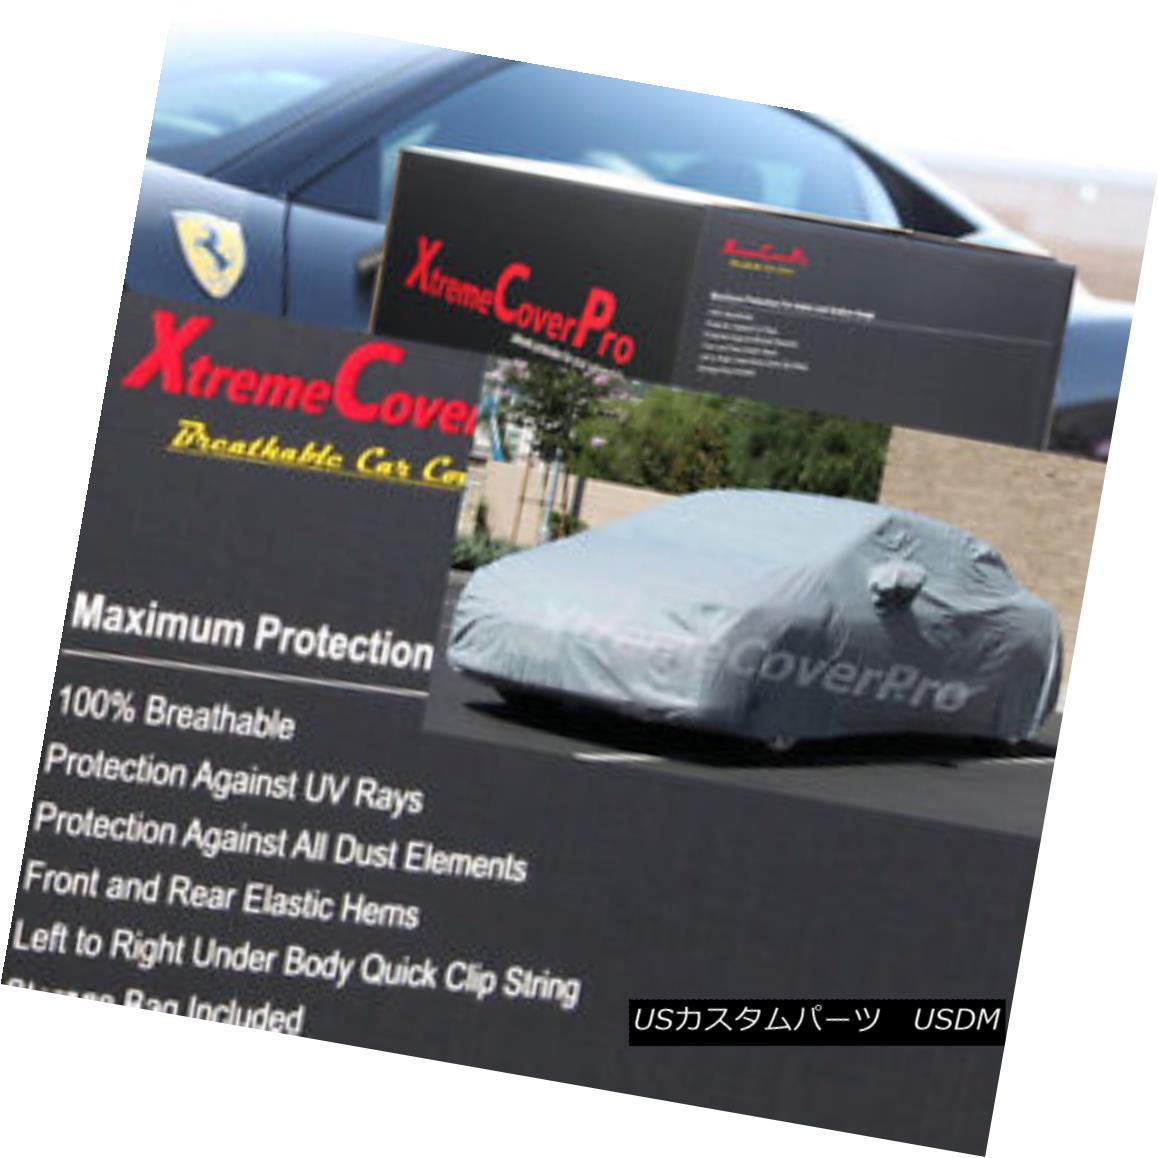 カーカバー 1993 1994 1995 1996 1997 Toyota Corolla Breathable Car Cover w/MirrorPocket 1993 1994 1995 1996 1997トヨタカローラ通気性車カバー付き/ミラーポケット